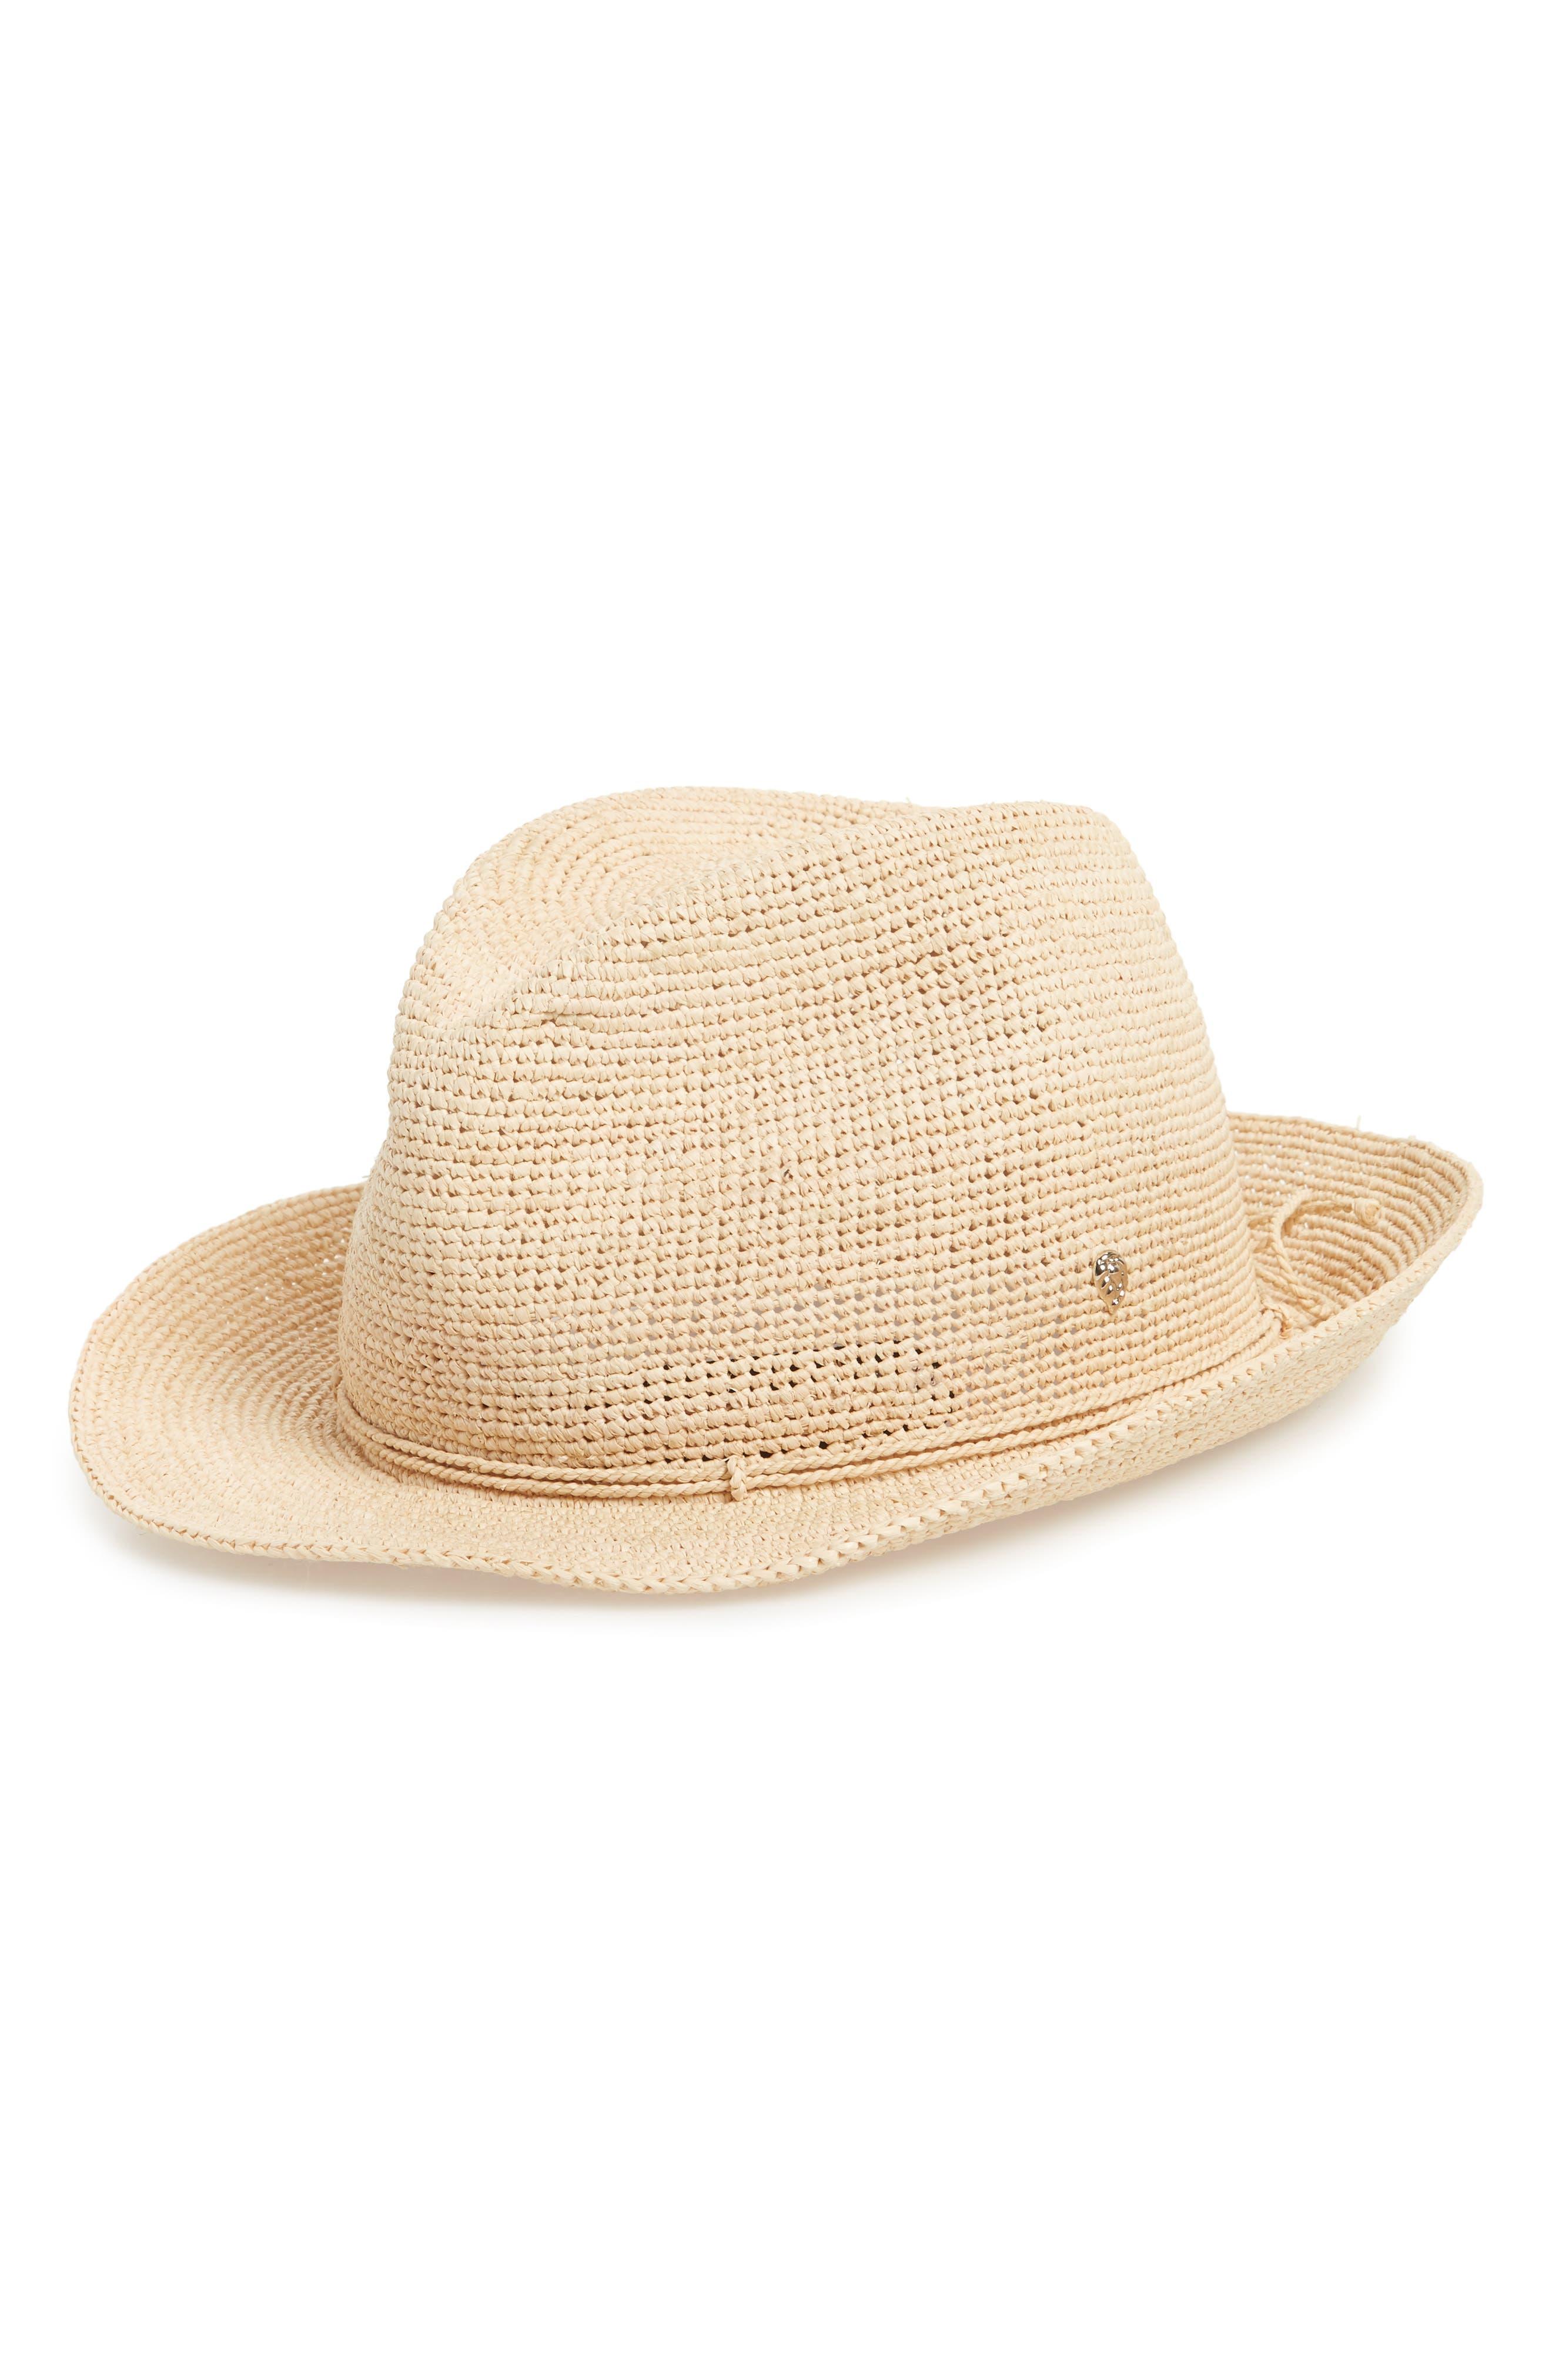 Raffia Crochet Packable Sun Hat, Main, color, NATURAL